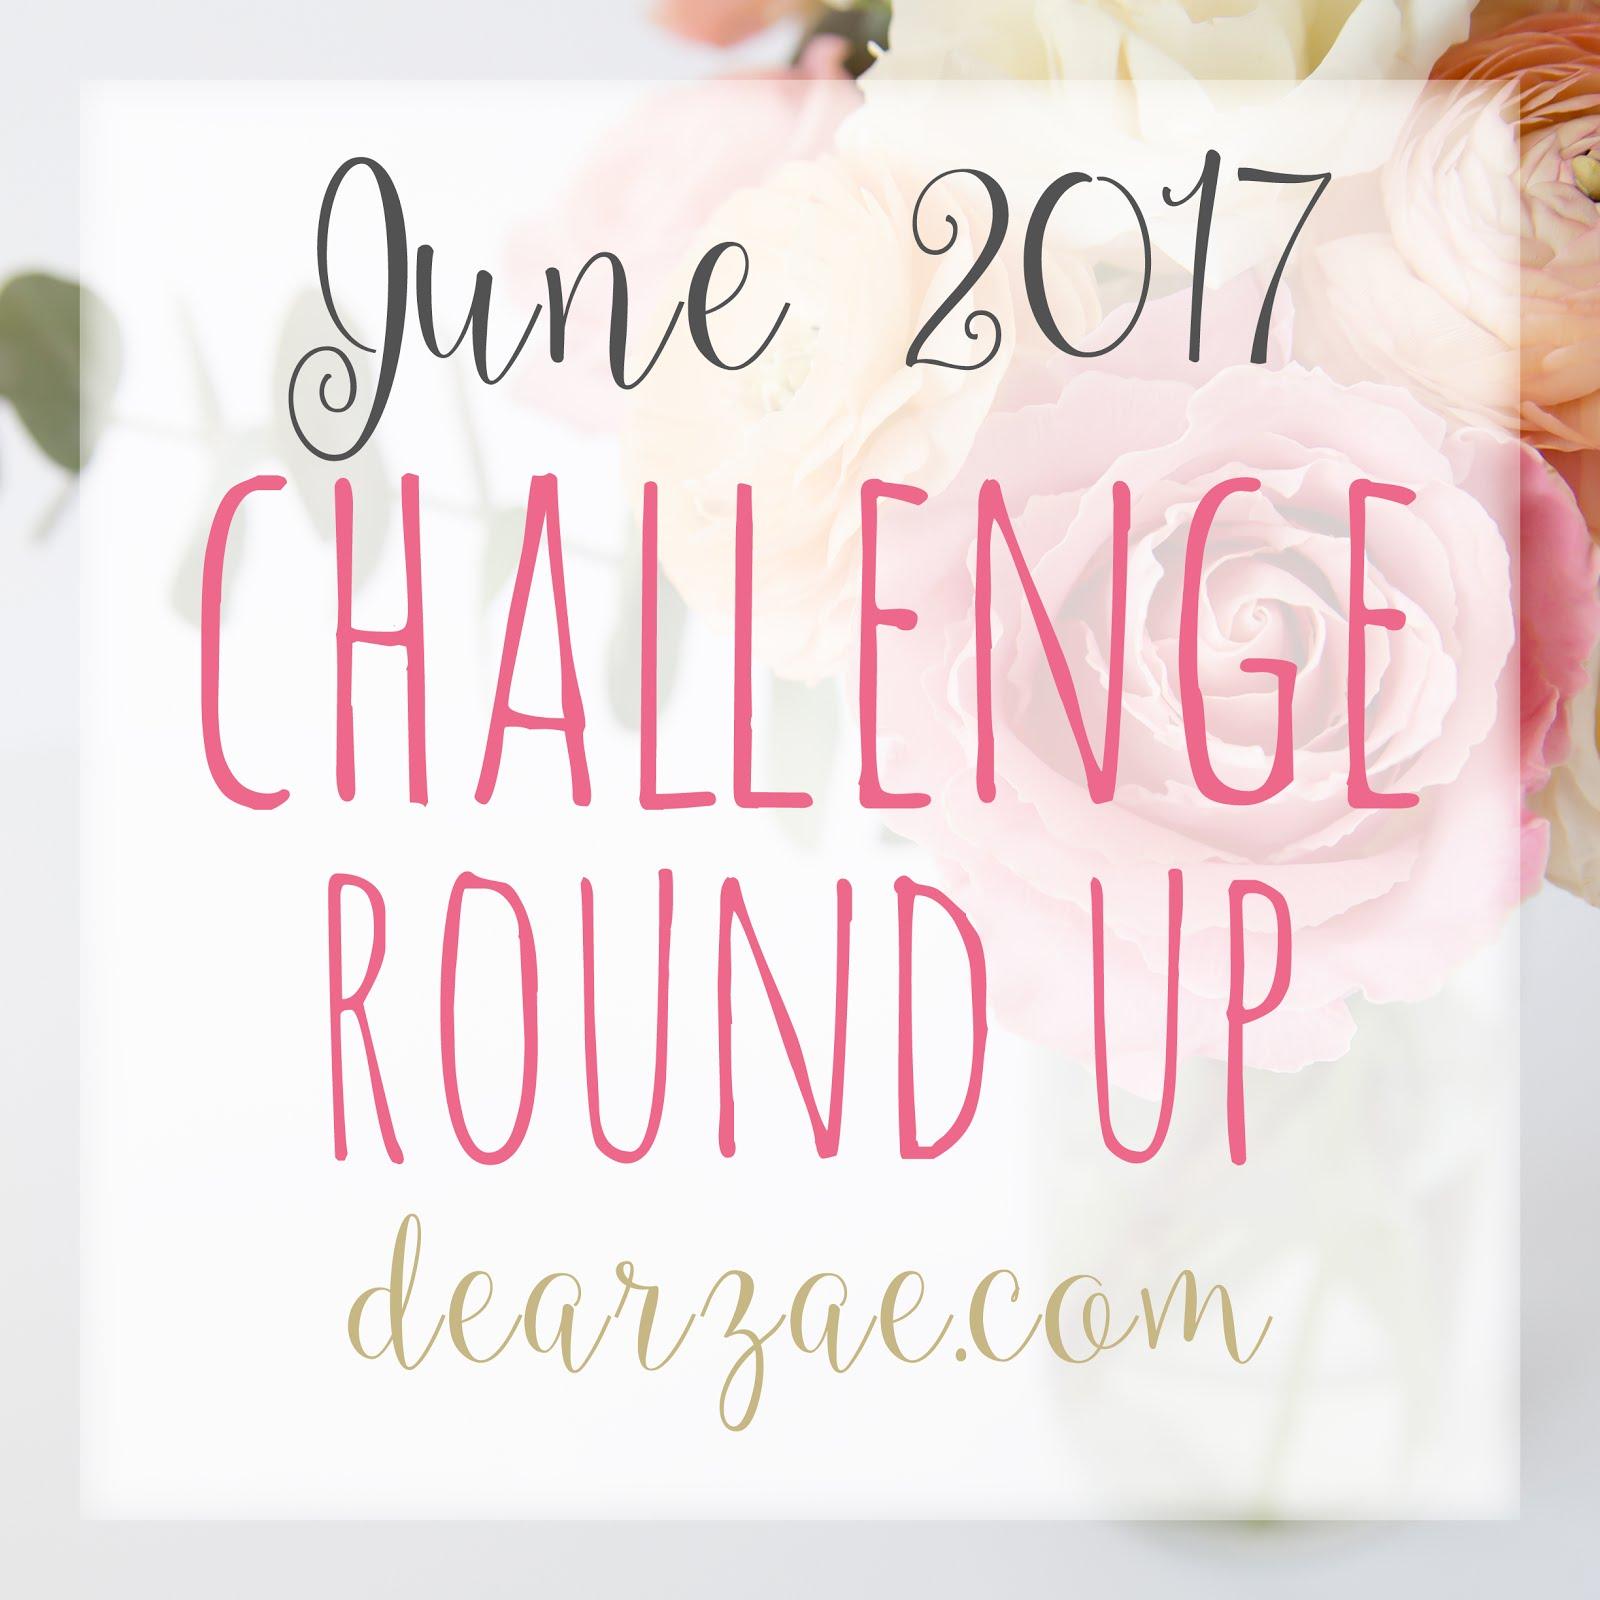 June scrapbook challenge round up - Dear Zae